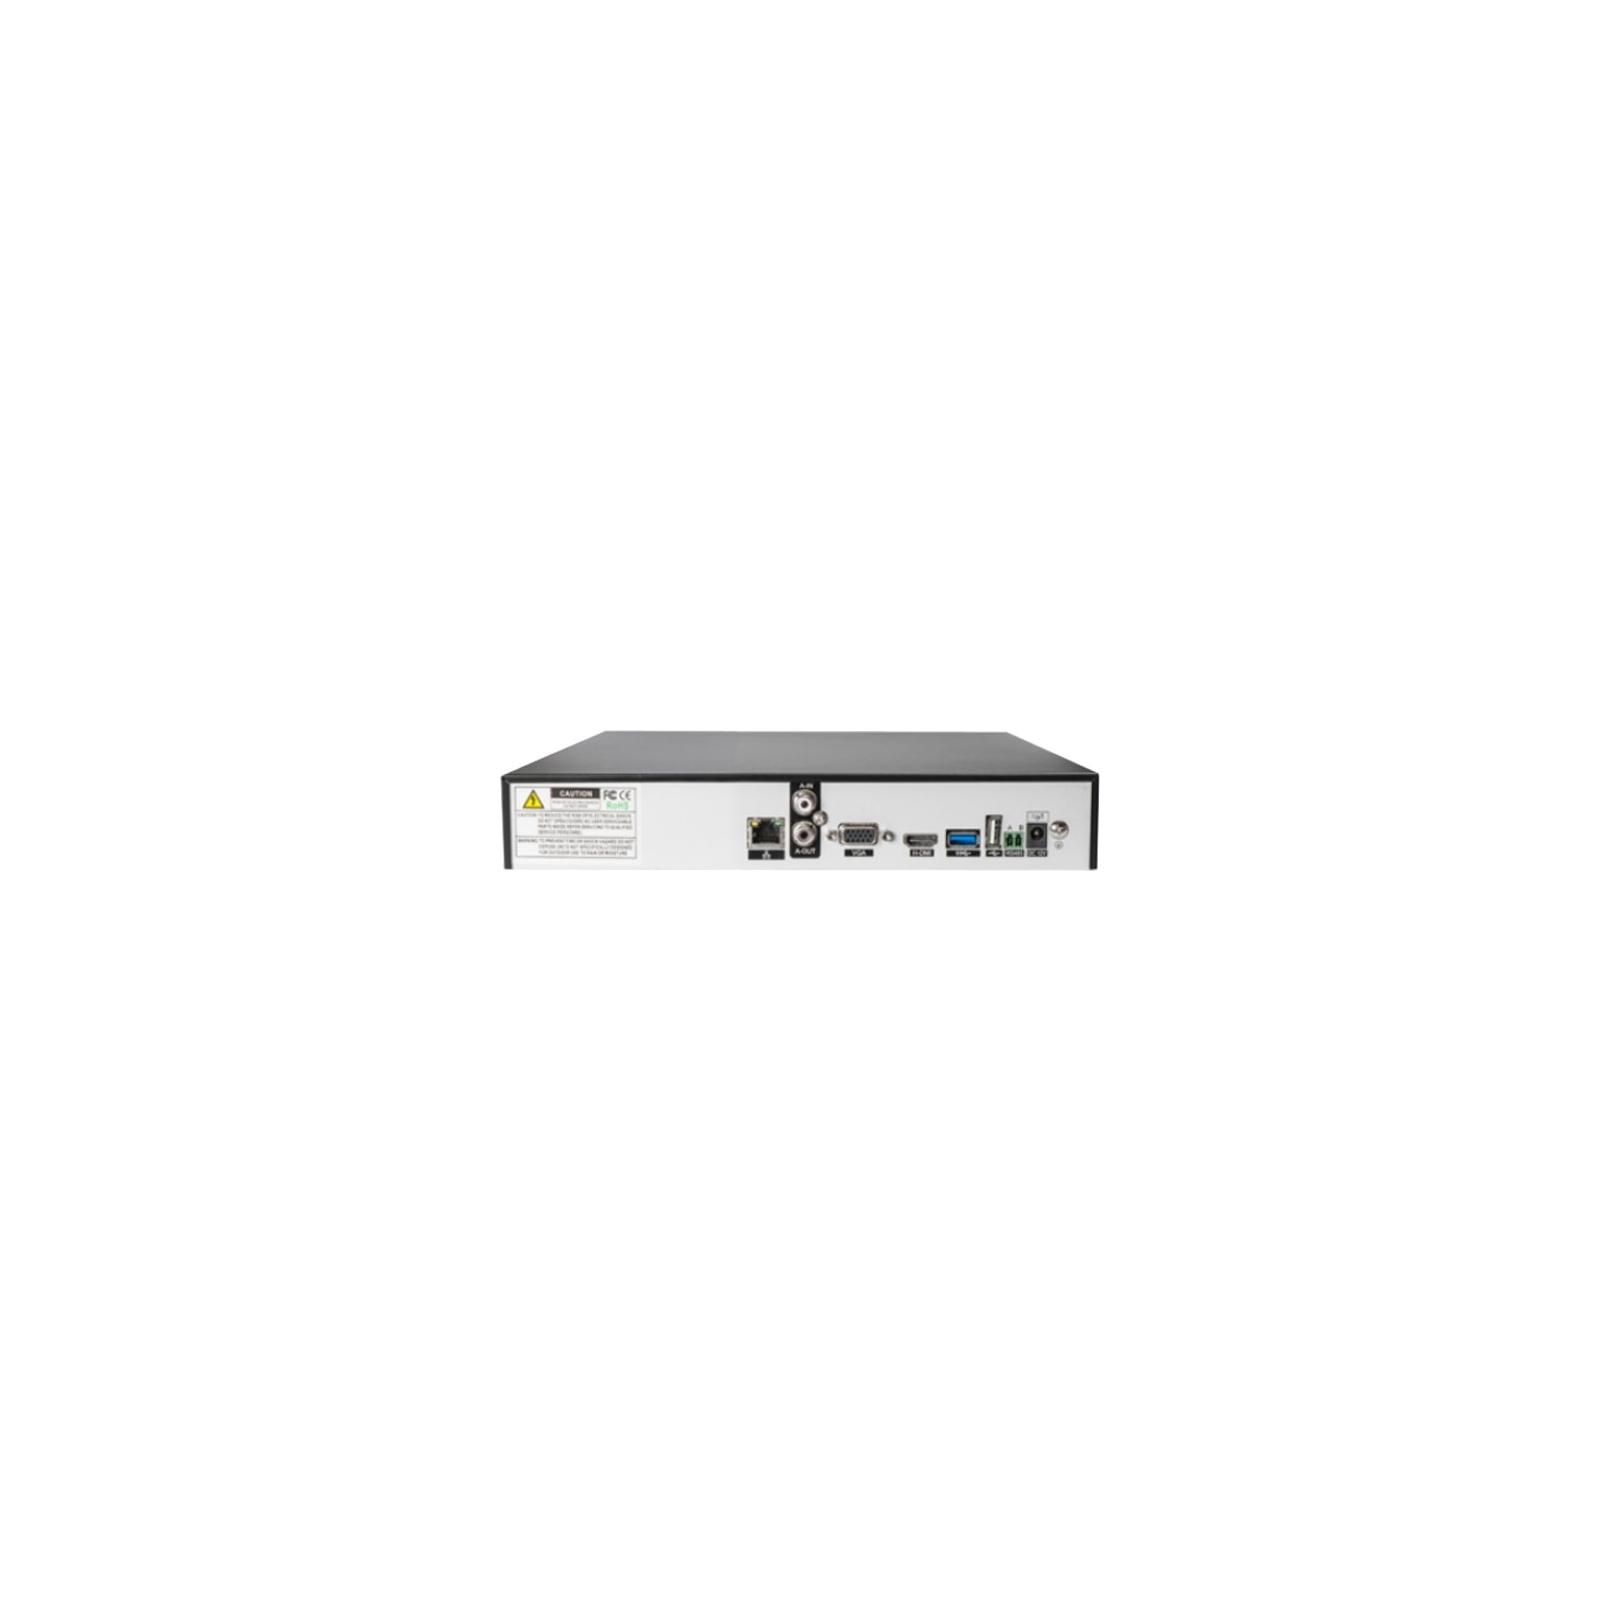 Регистратор для видеонаблюдения Tecsar NVR 24CH1H-FHD (6236) изображение 3